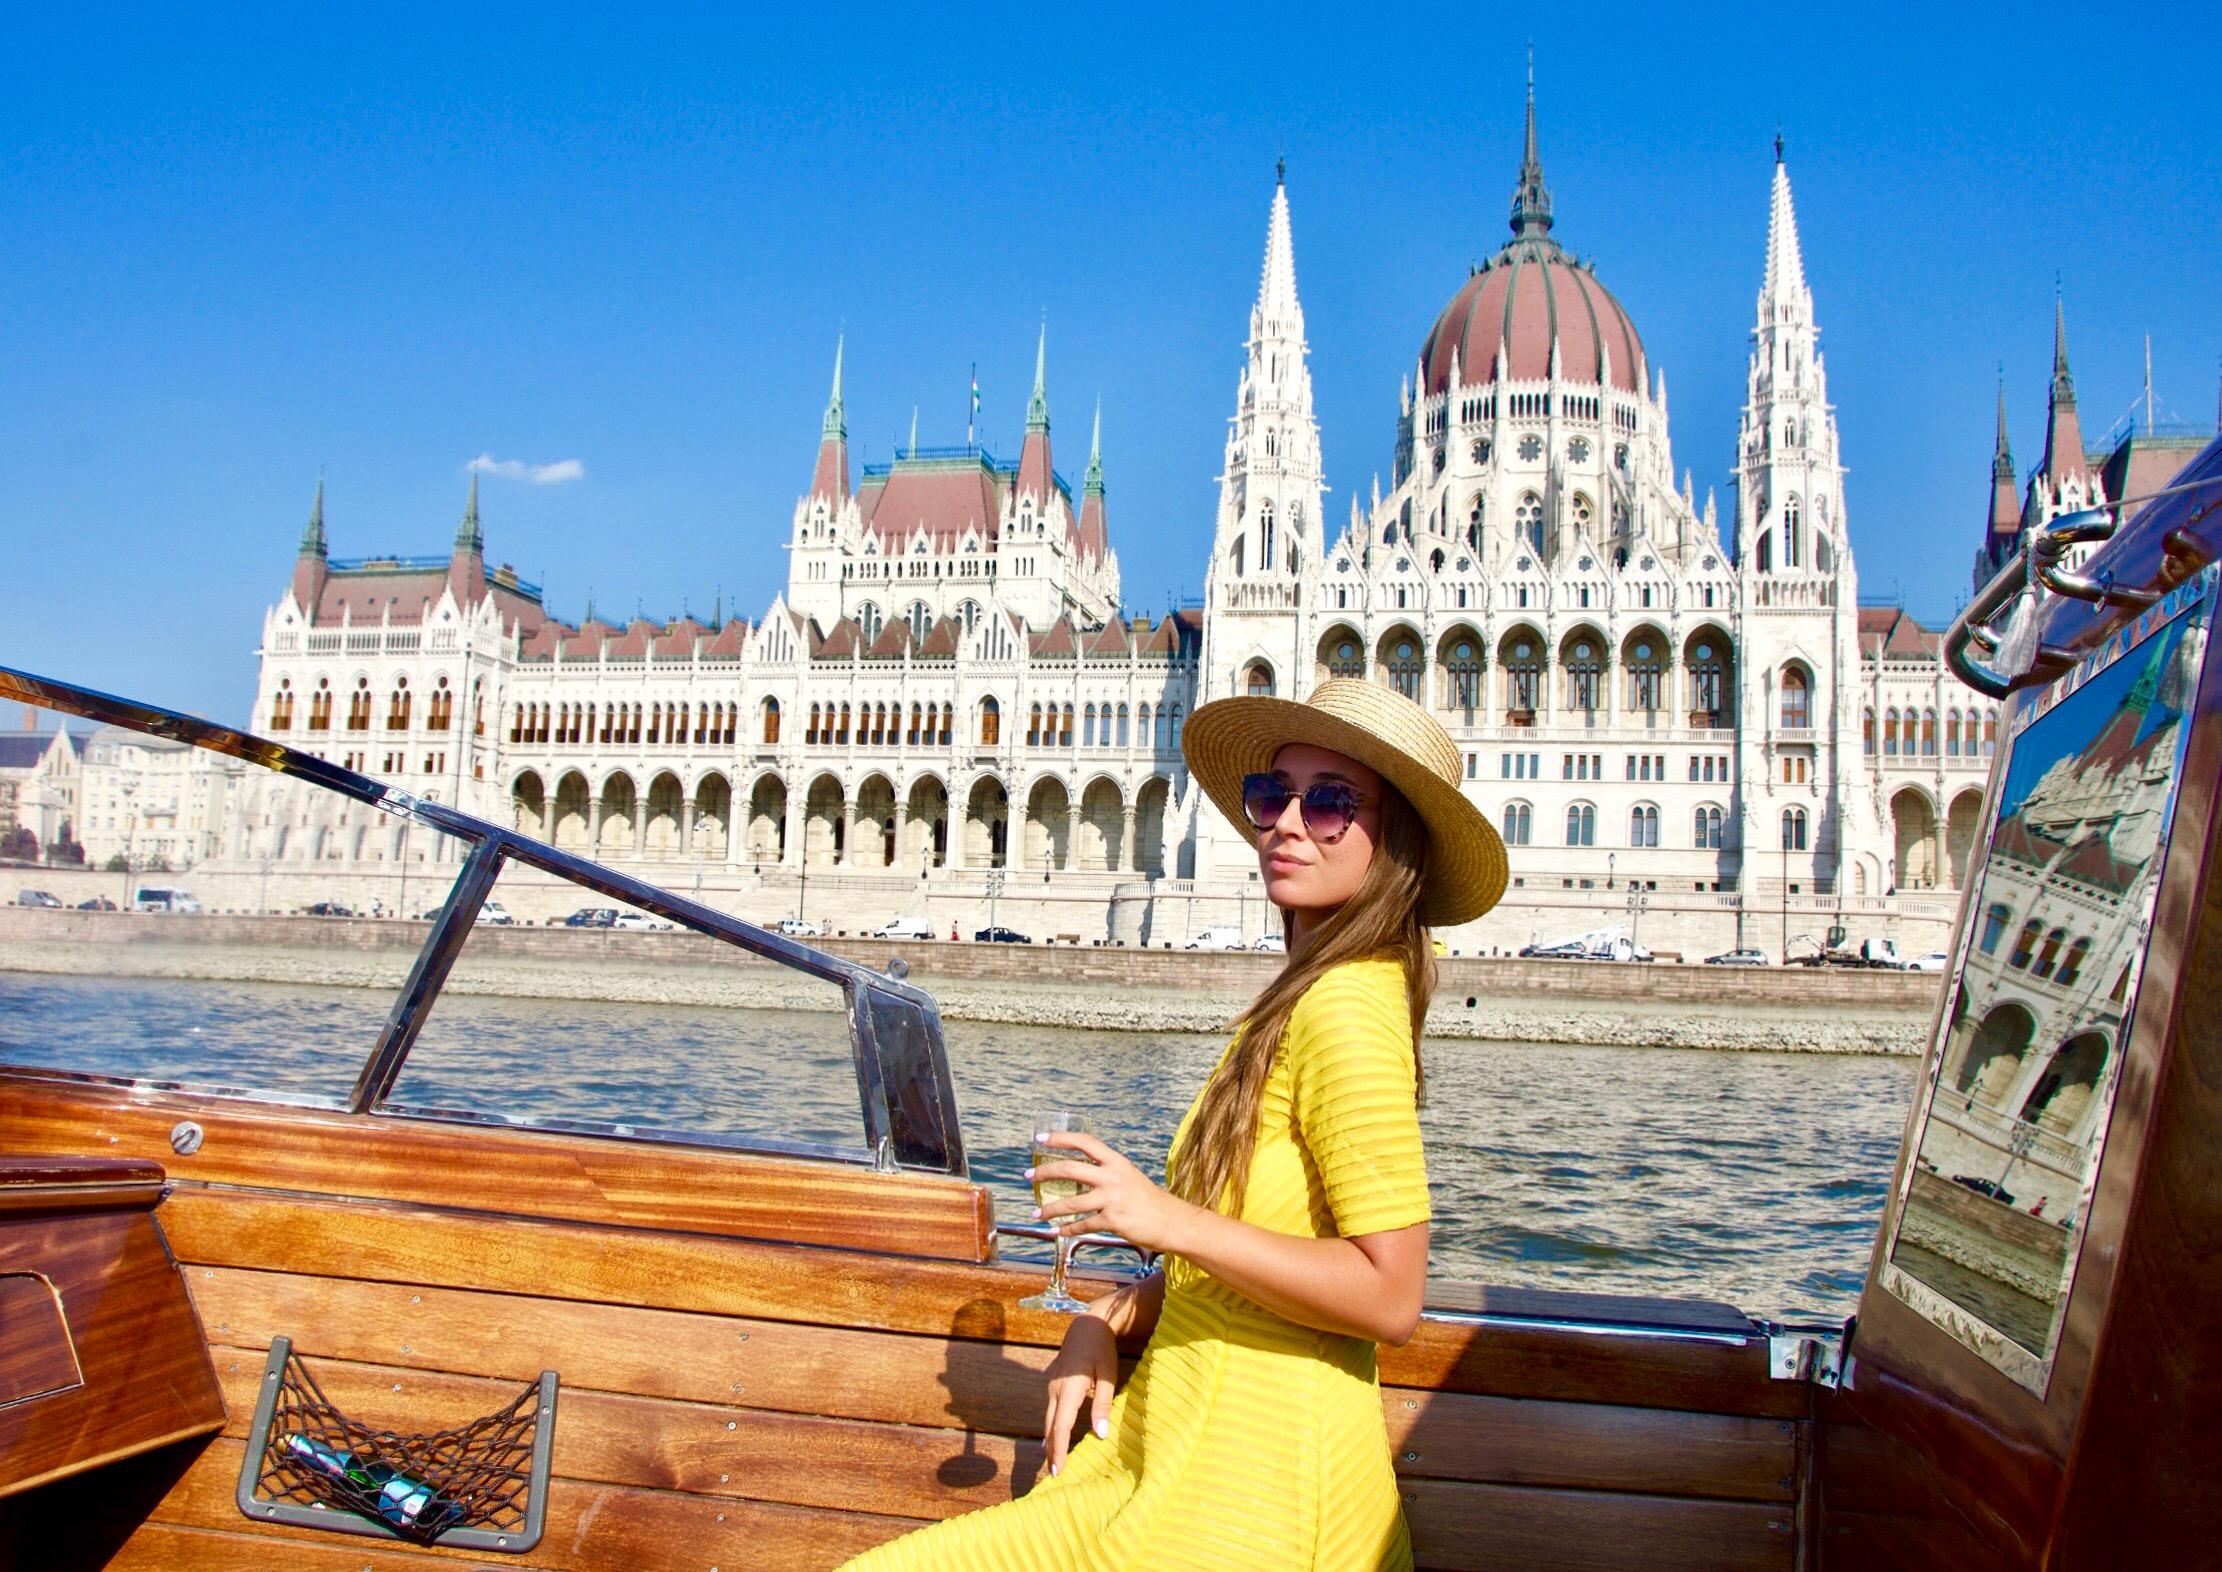 dunarama-boat-cruise-budapest-lustforthesublime